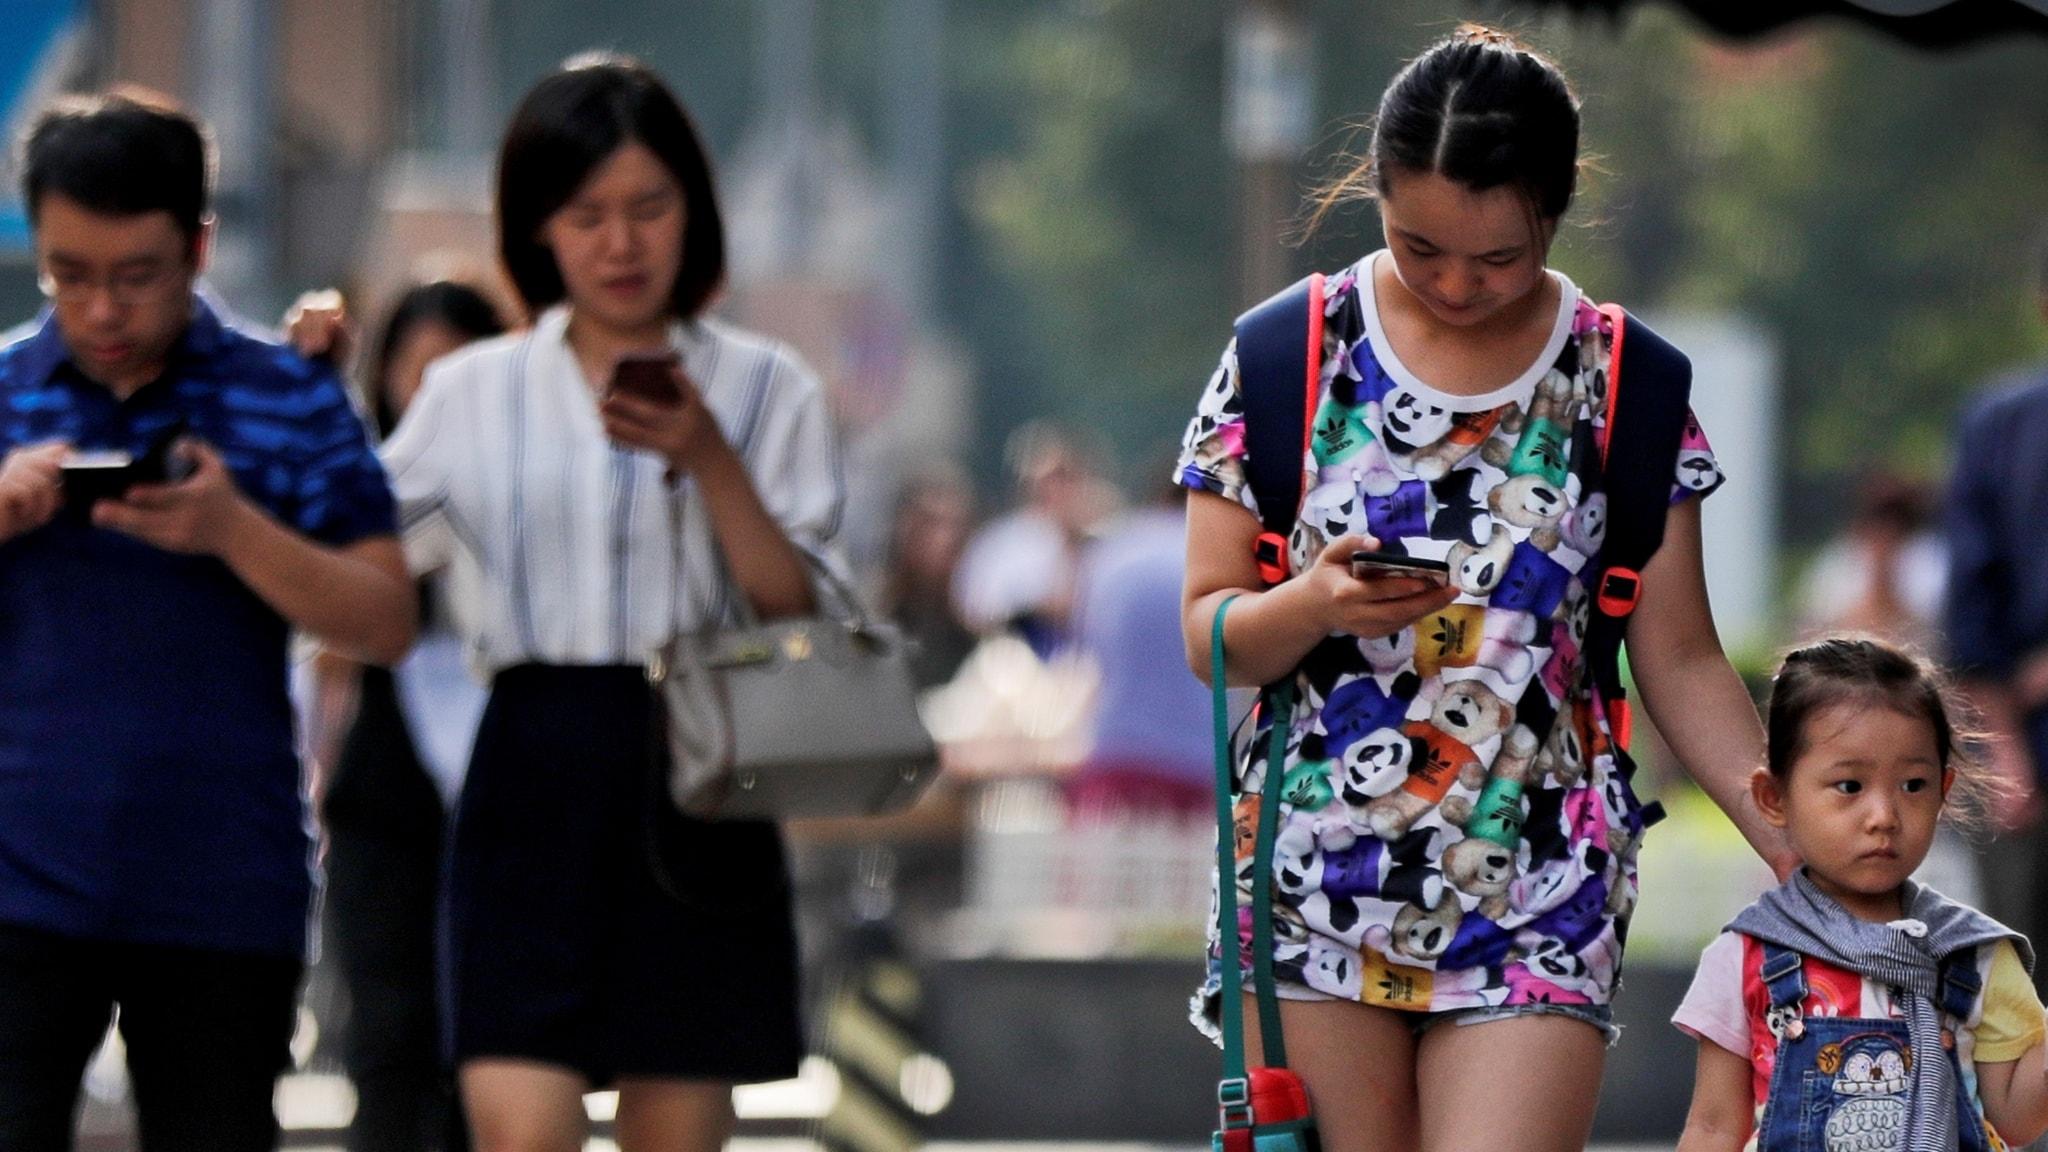 Människor tittar i telefoner